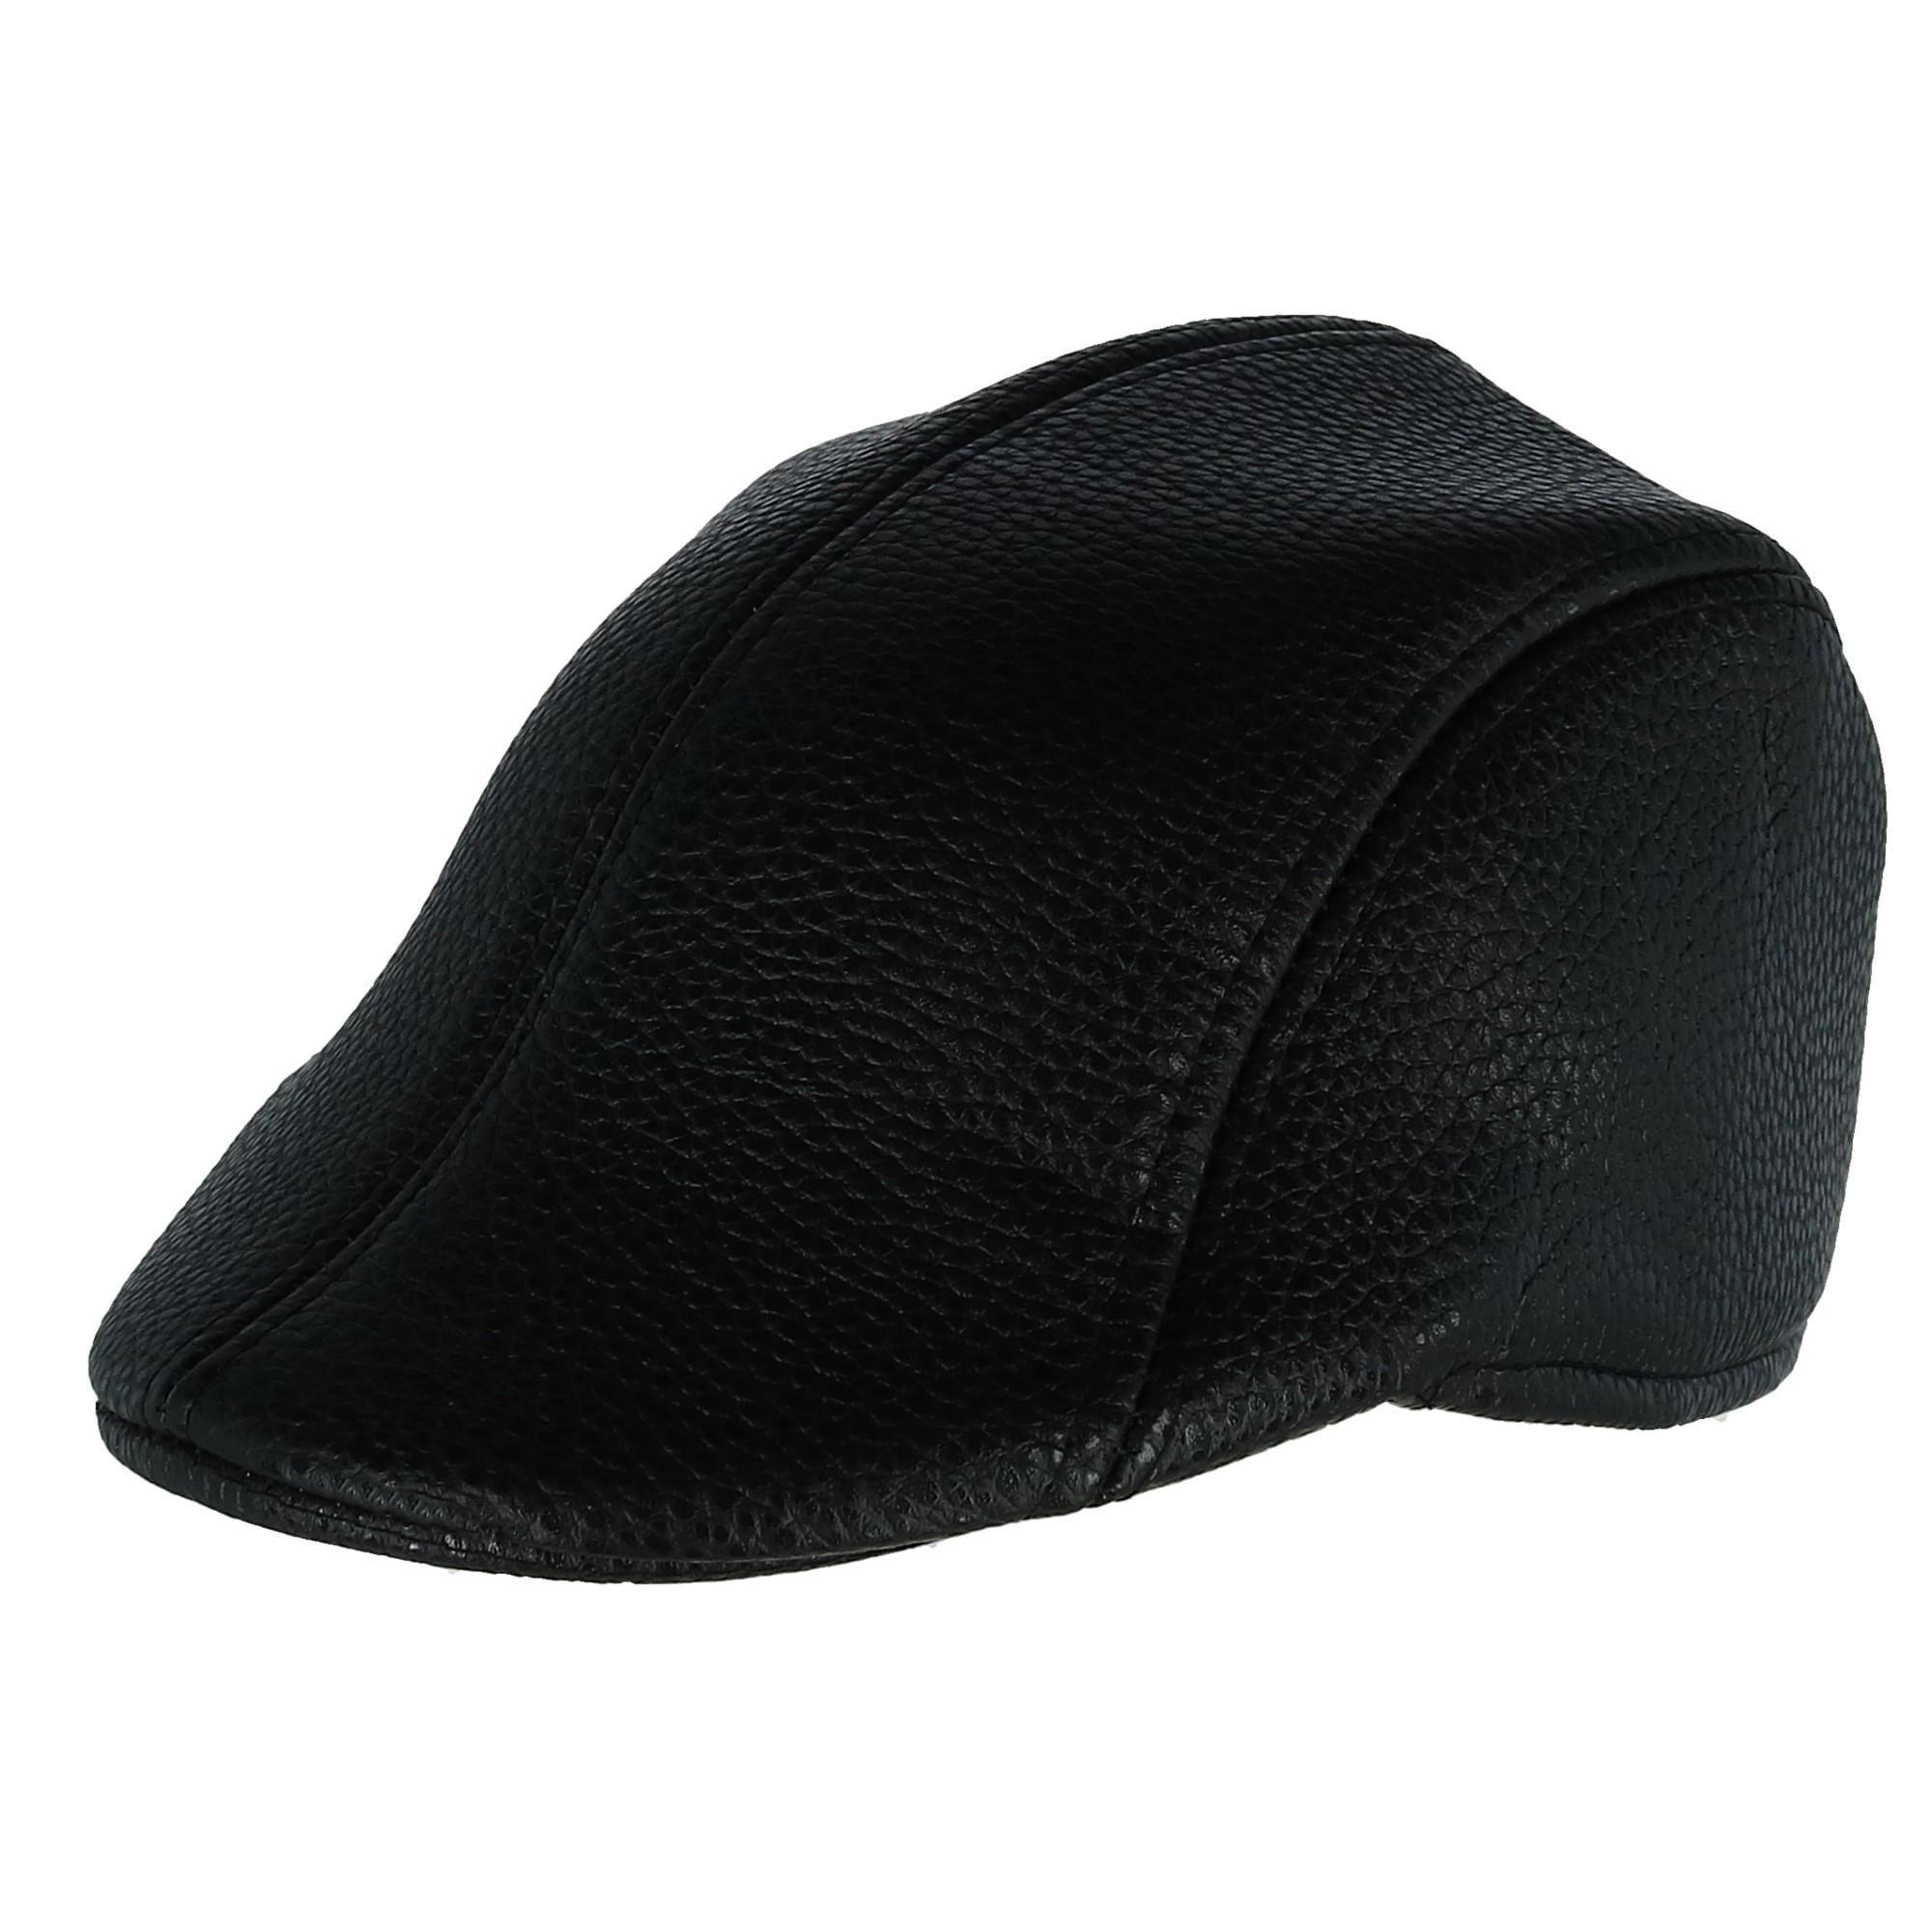 Westend Men s Black Faux Leather Ivy Cap 836478e0e66